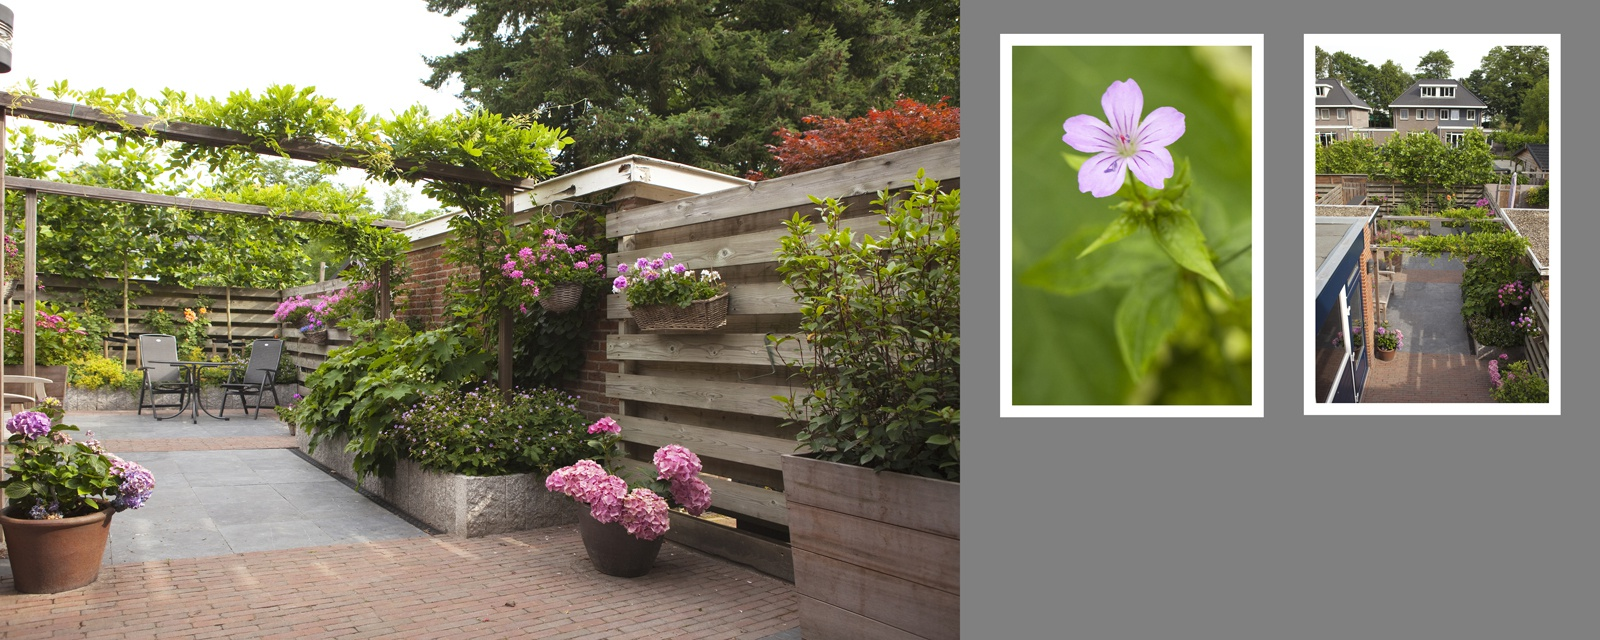 Tuinprojecten Hoefakker